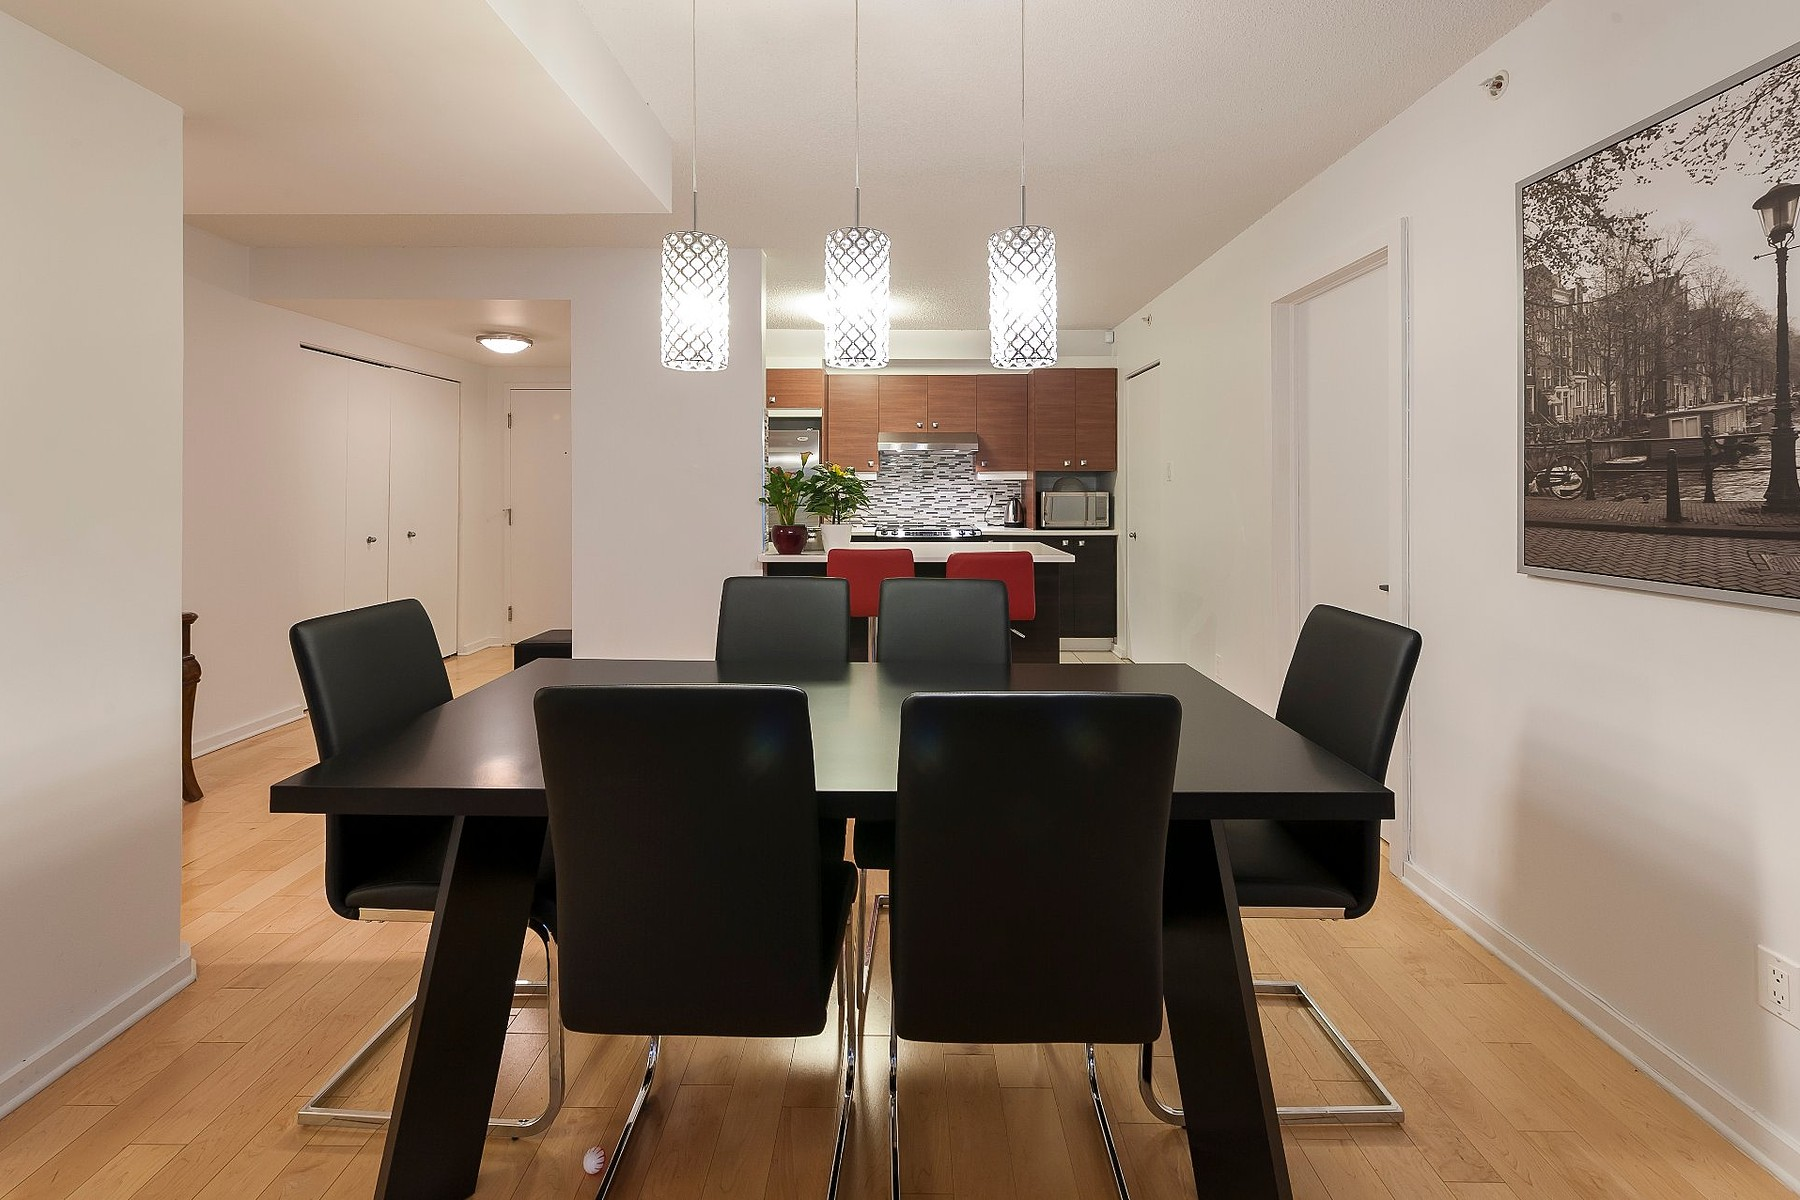 Additional photo for property listing at Côte-des-Neiges  Notre-Dame-de-Grâce, Montréal 4950 Rue de la Savane, Apt. 104 Cote Des Neiges Notre Dame De Grace, 魁北克省 H4P1T7 加拿大